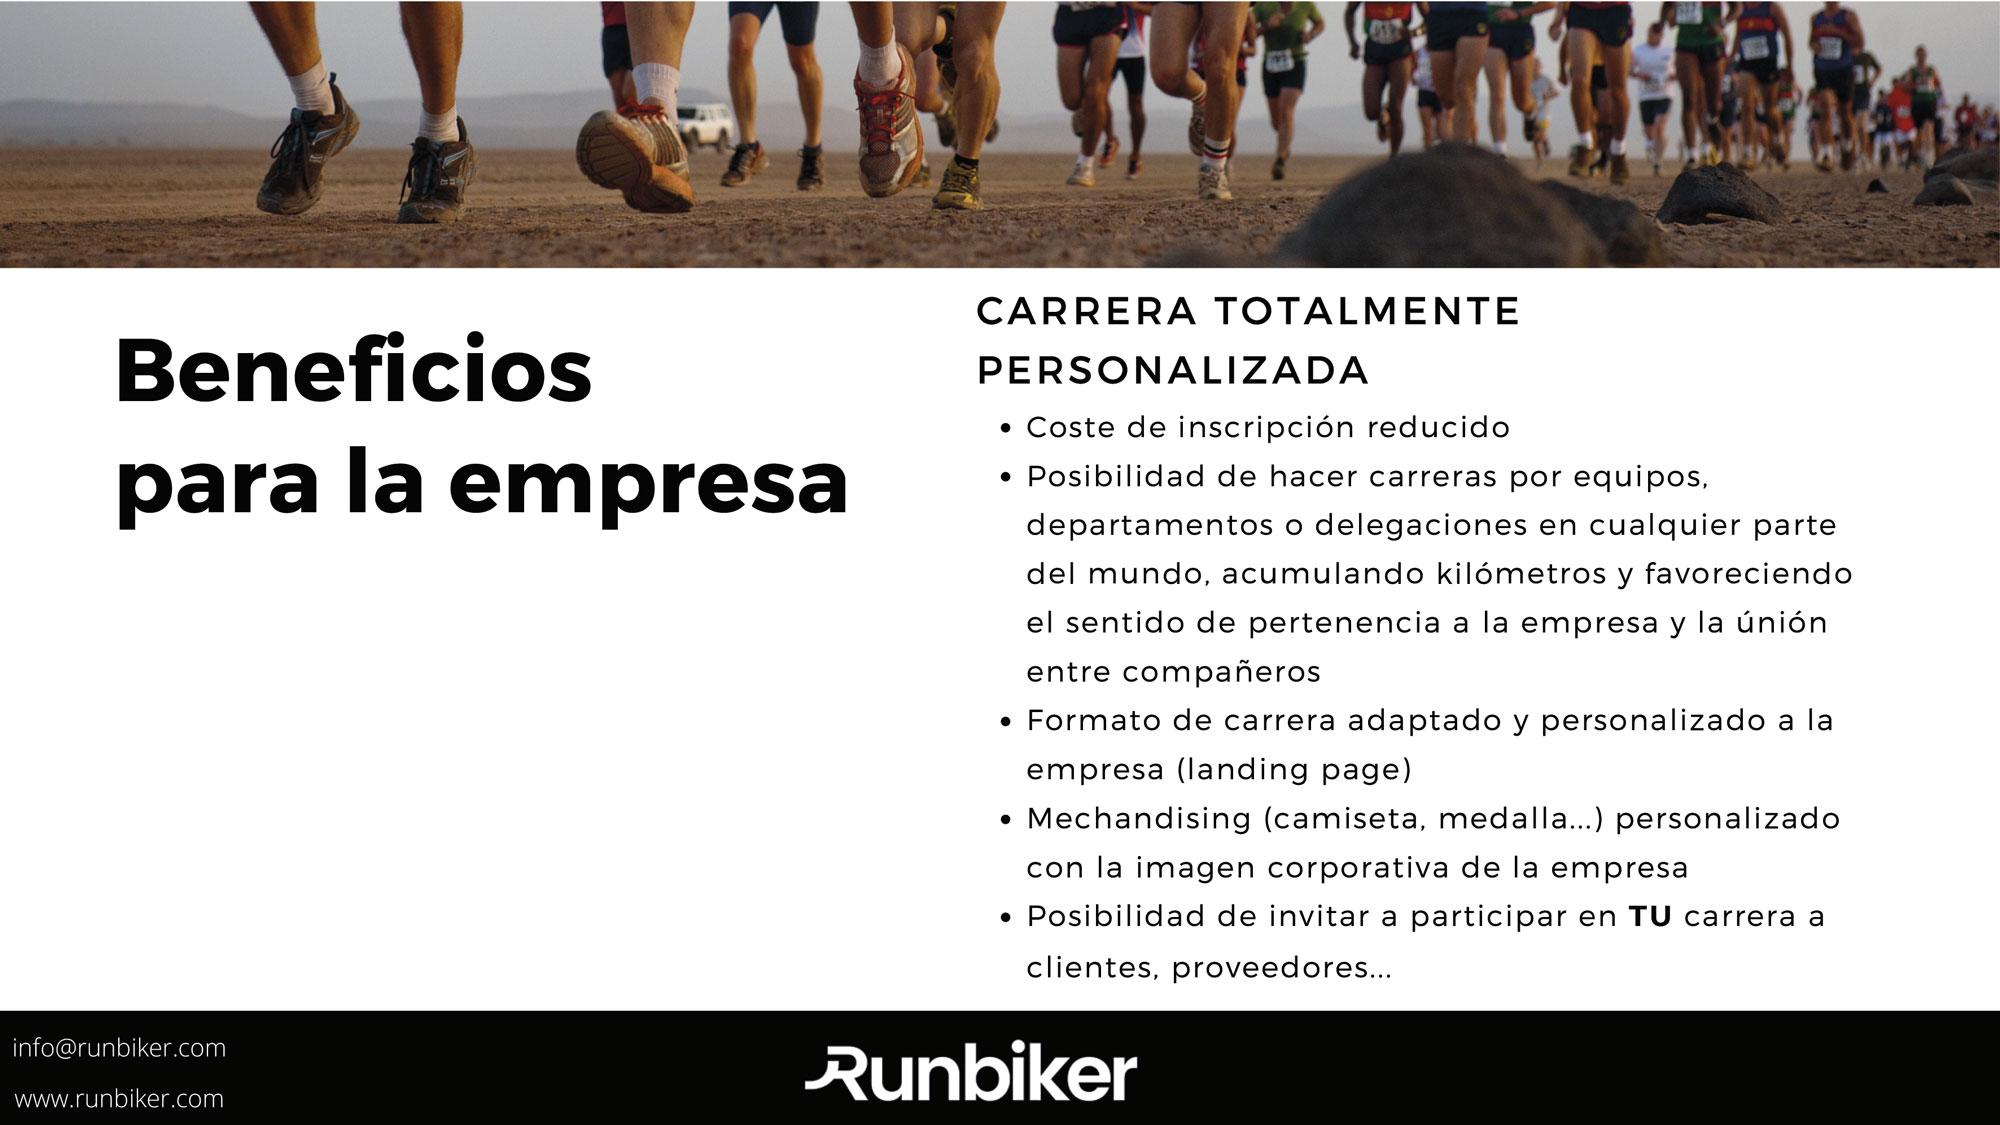 carreras virtuales para empresas